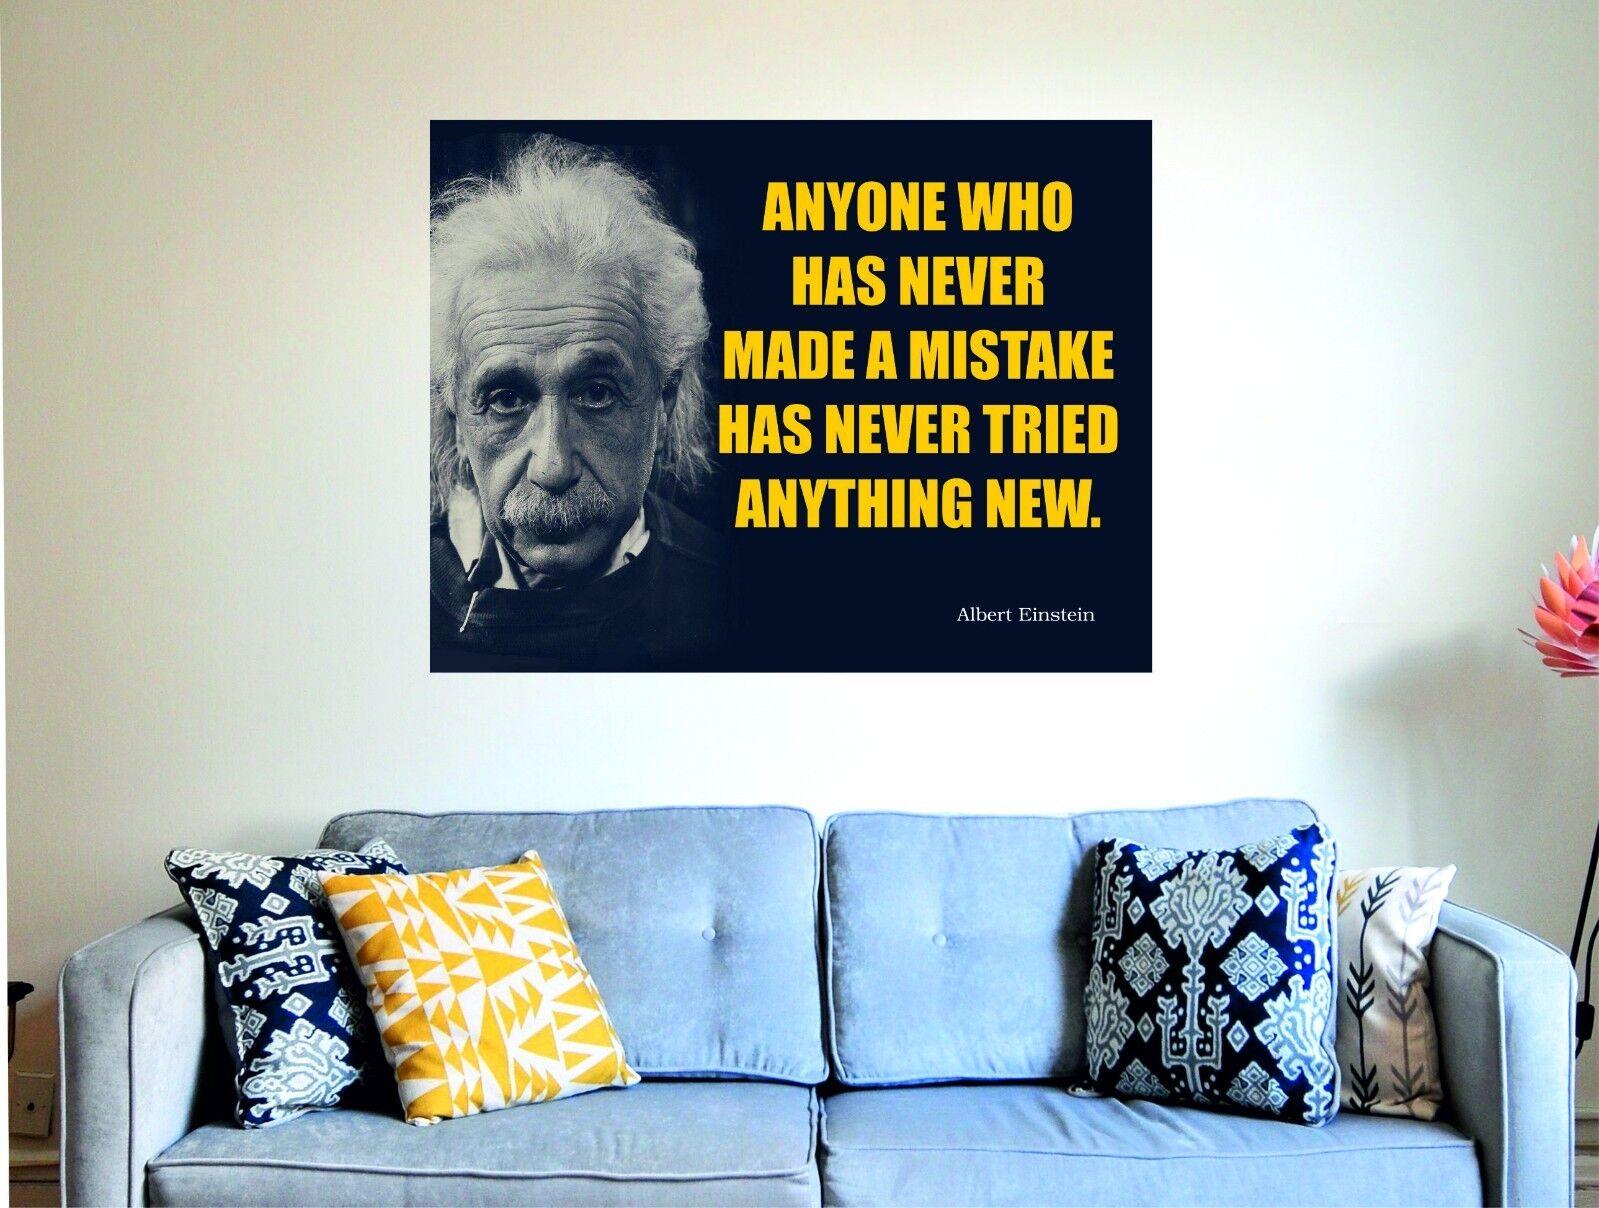 Albert Einstein quiconque Wall n'a jamais erreur Super Taille di Bond Wall quiconque art plaque 6b0515